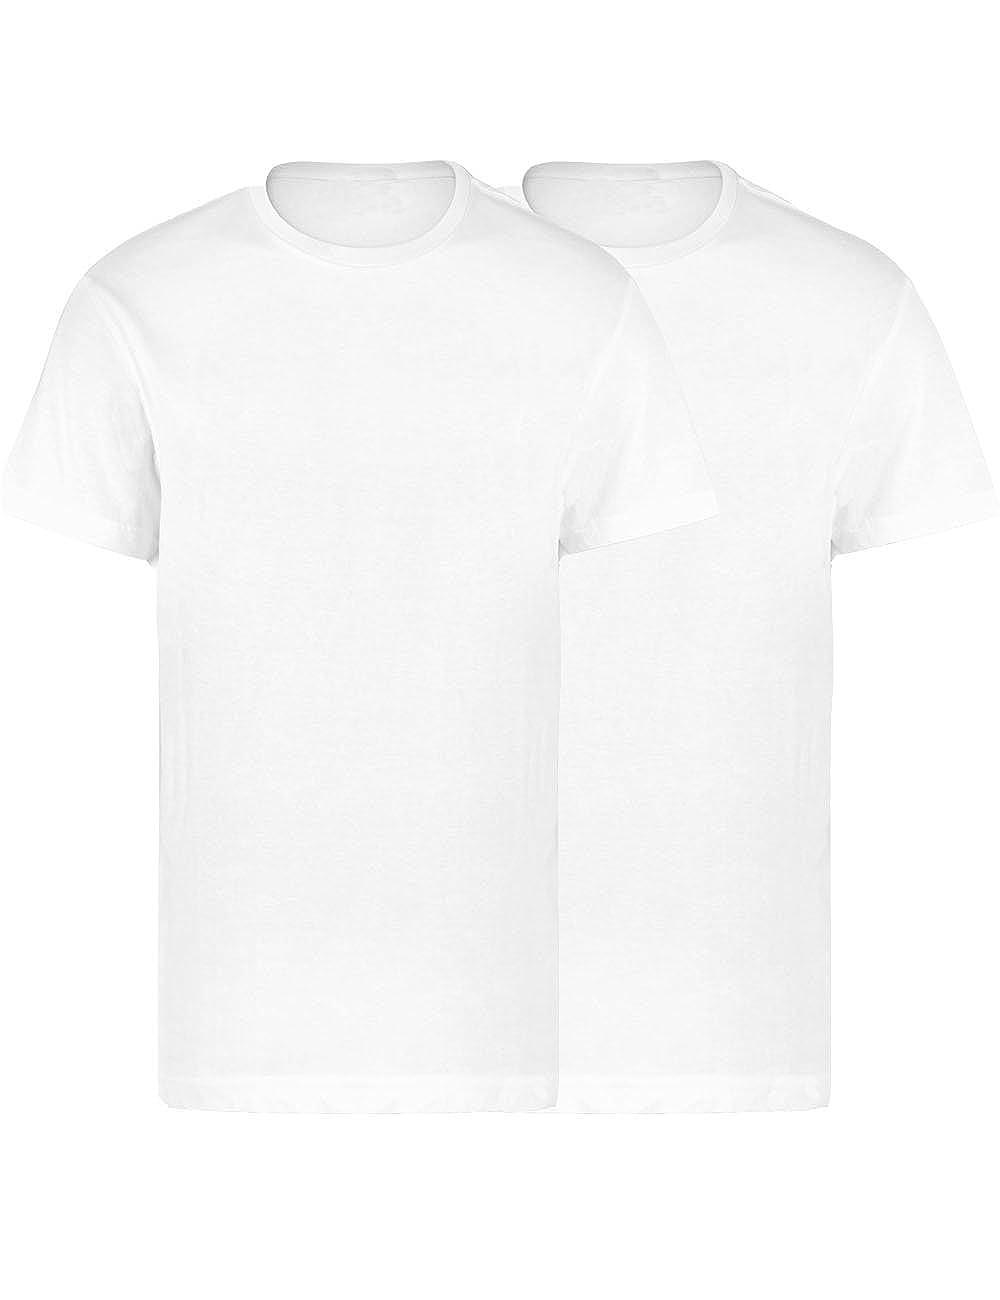 9aa6acfd4d9683 LisaModa Herren Seamless Unterhemd 2er Pack T-Shirt Baumwolle ...